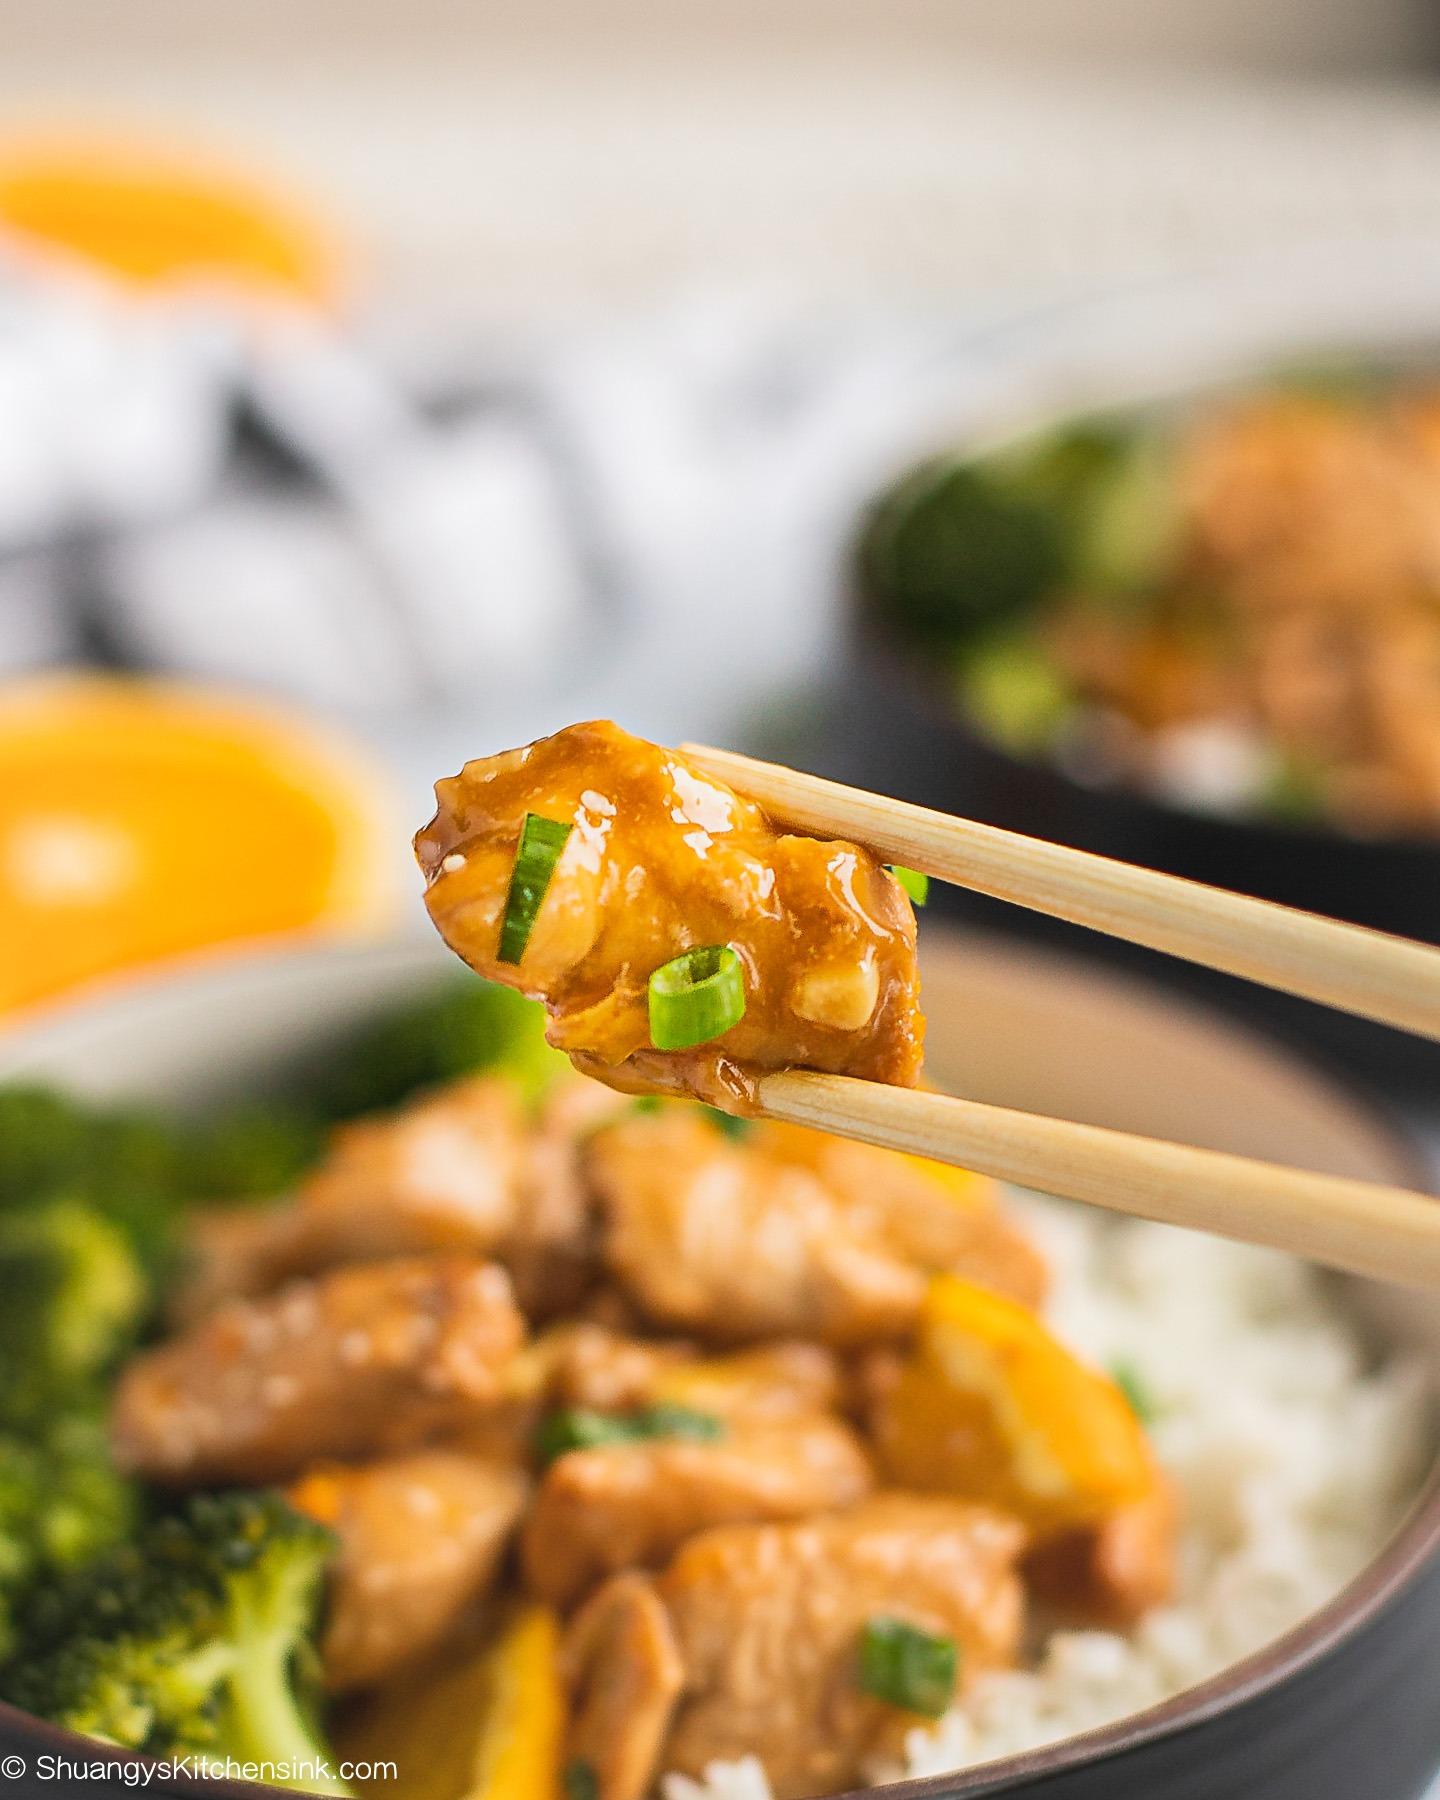 A pair of chopsticks picking up a piece of orange chicken.